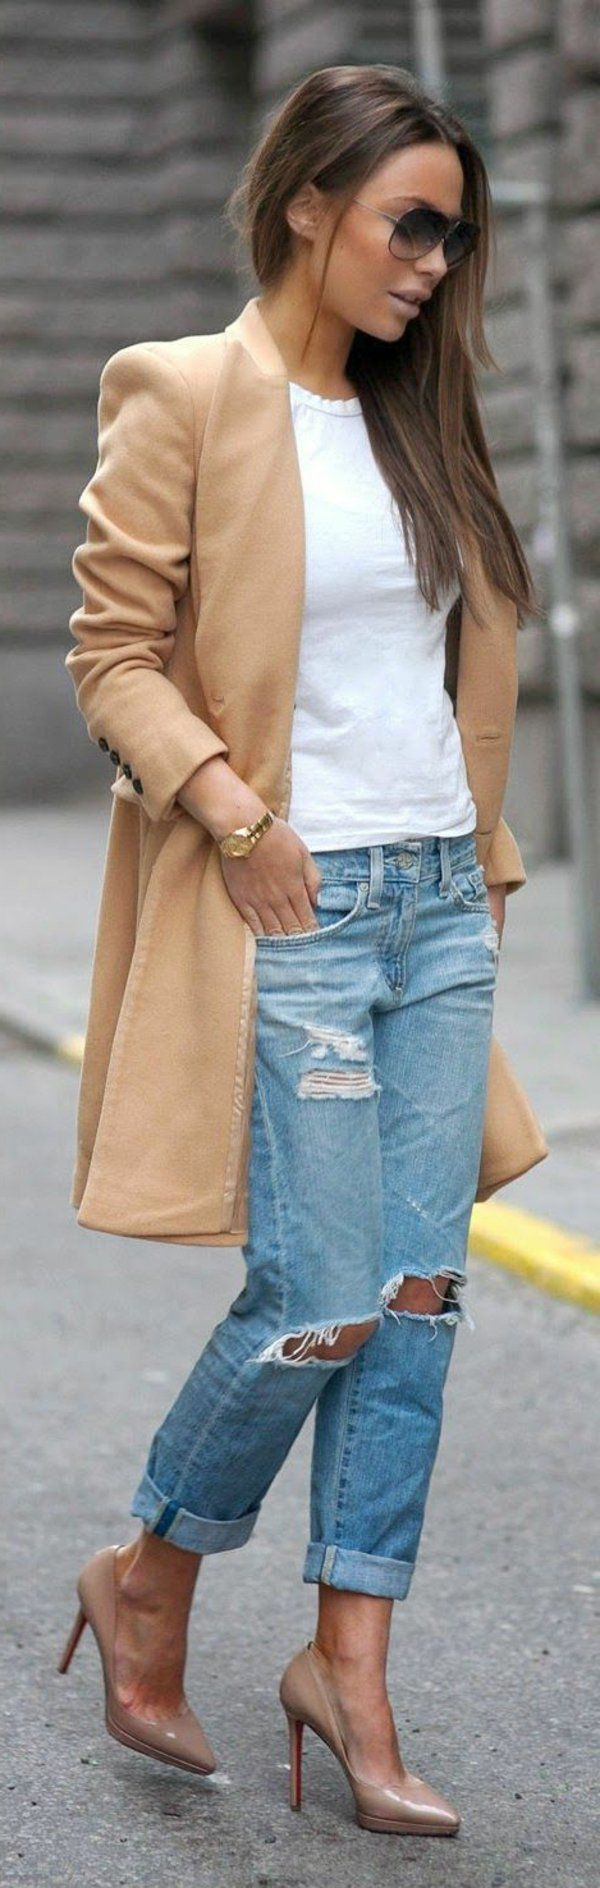 Jeans boyfriend femme OOTD